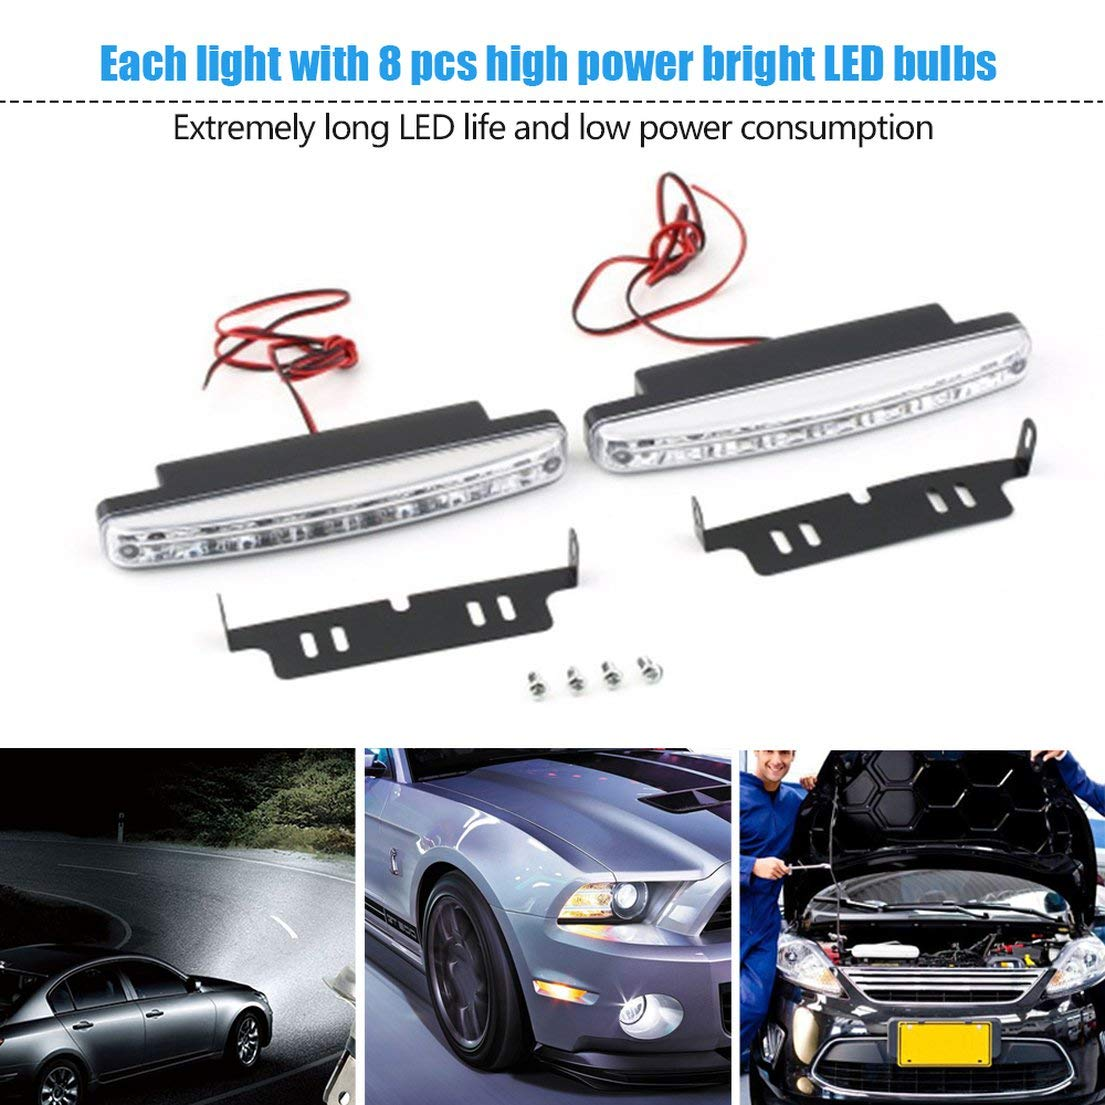 DFH Universal 12V 8X LED Auto Auto Tagfahrlicht Nebelscheinwerfer Autofahrlicht Zusatzscheinwerfer mit wei/ßem Licht super HOT schwarz